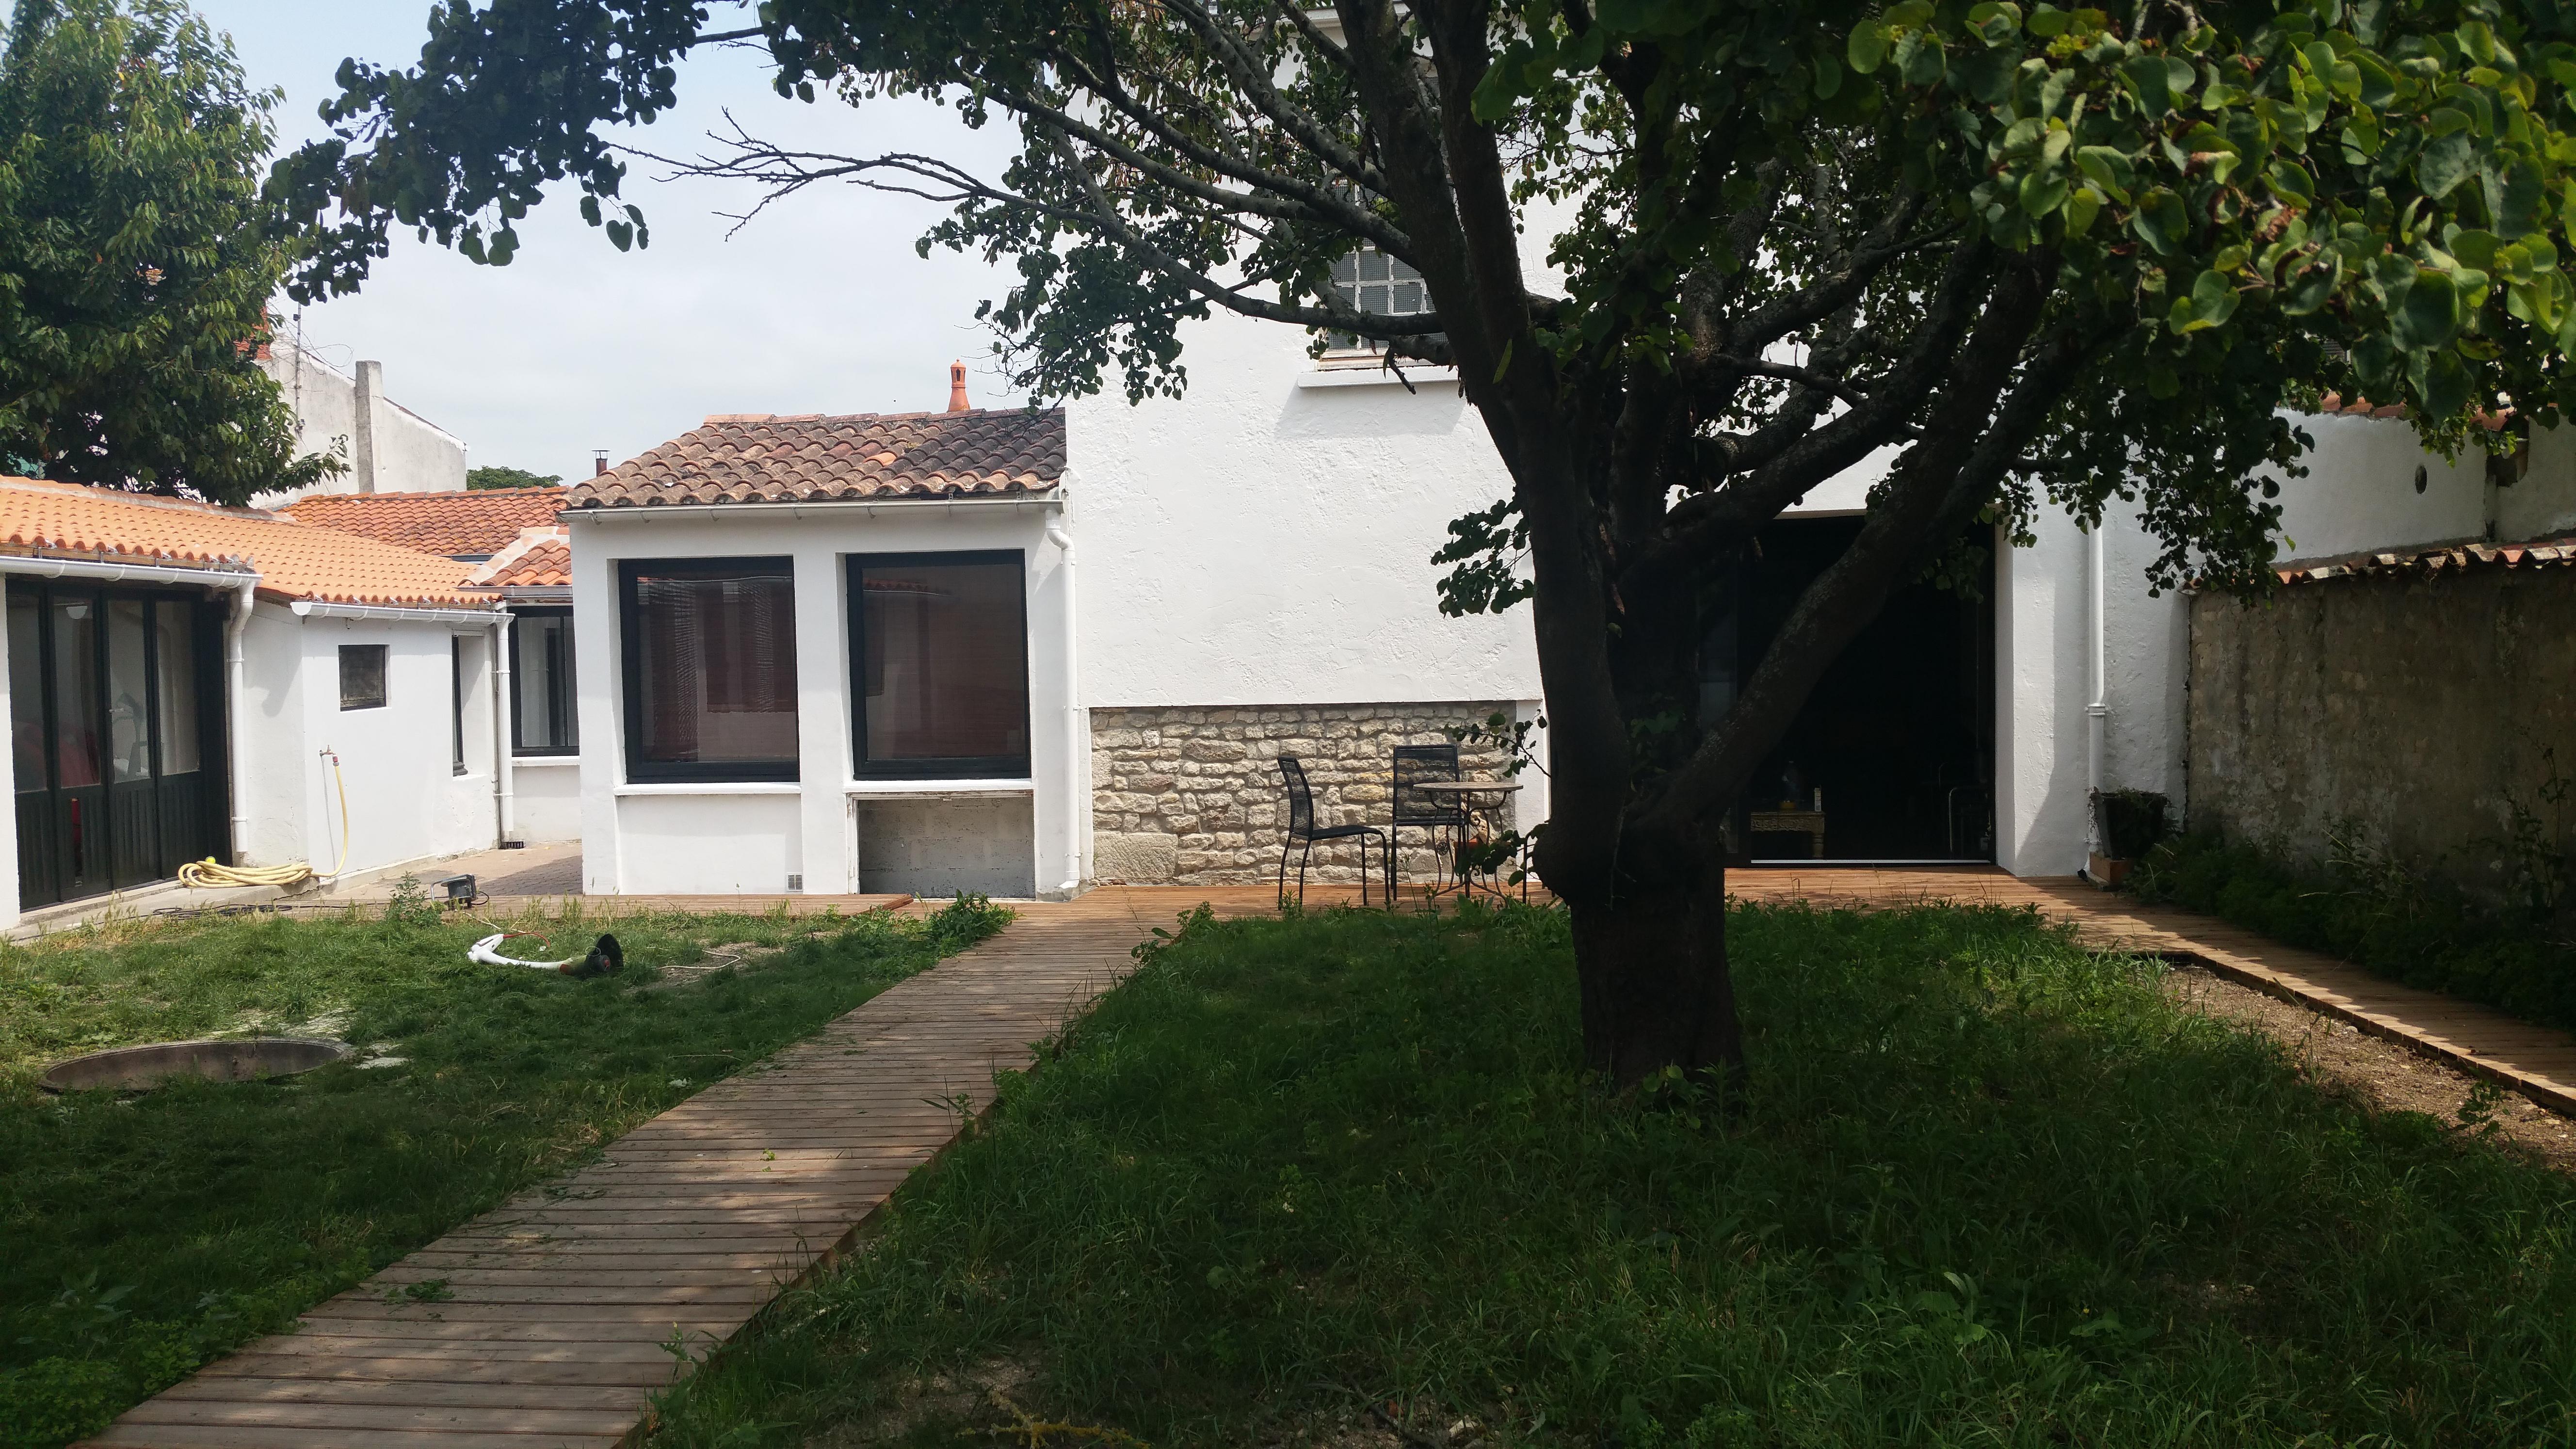 Maison à vendre à Esnandes (17137) proche de La Rochelle